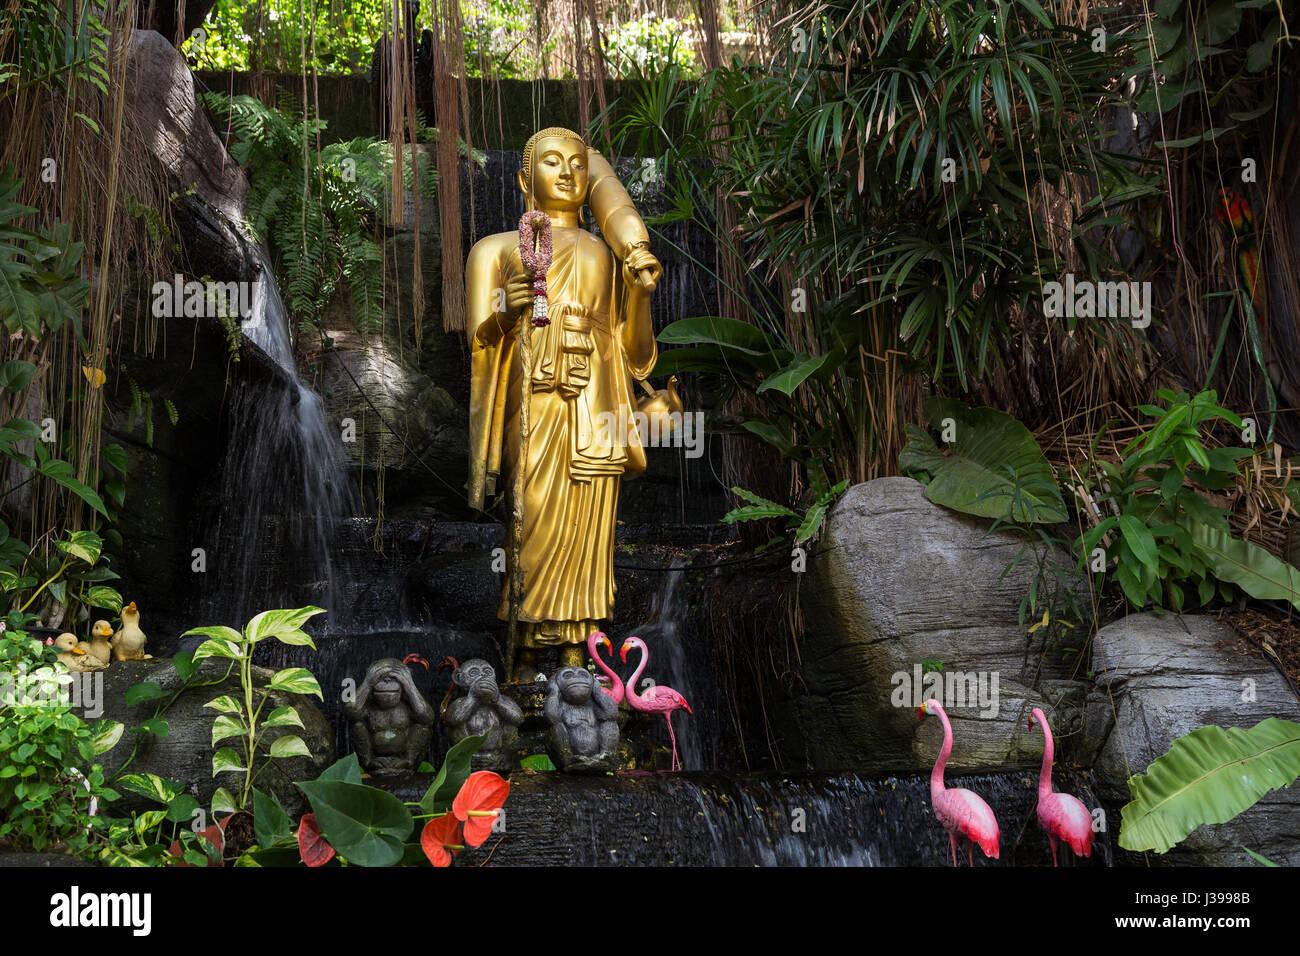 Goldene Buddha-Statue und kleinen künstlichen Wasserfall am goldenen Bergs im Wat Saket in Bangkok, Thailand. Stockbild